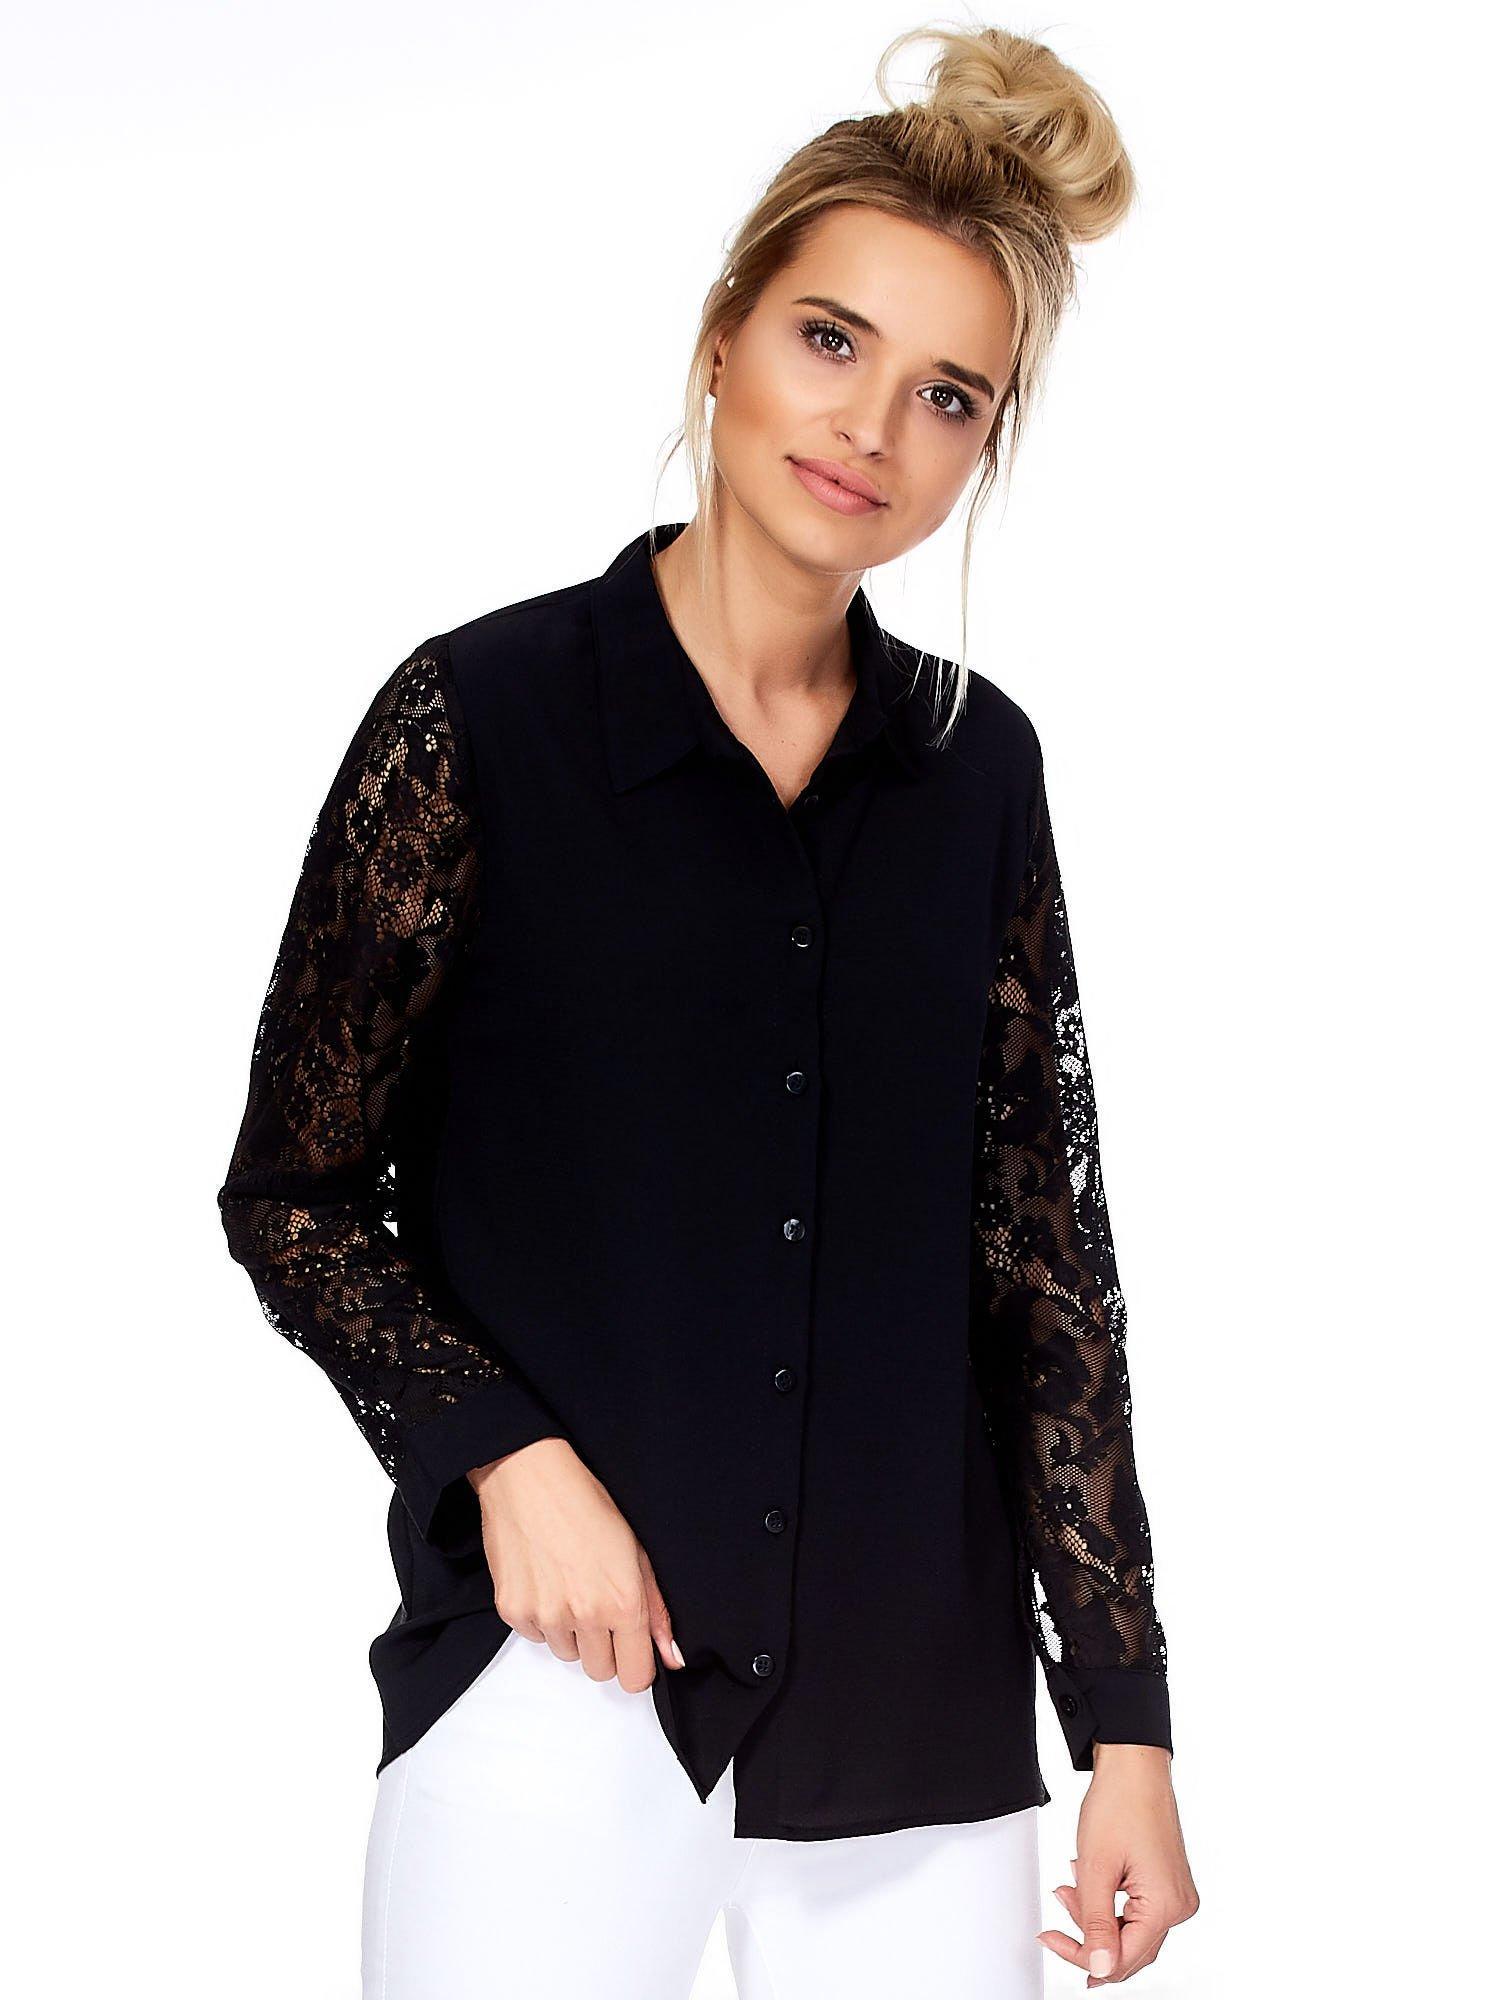 0c6c5d9afaeca1 Koszula damska czarna z ażurowymi rękawami - Koszula z koronką ...